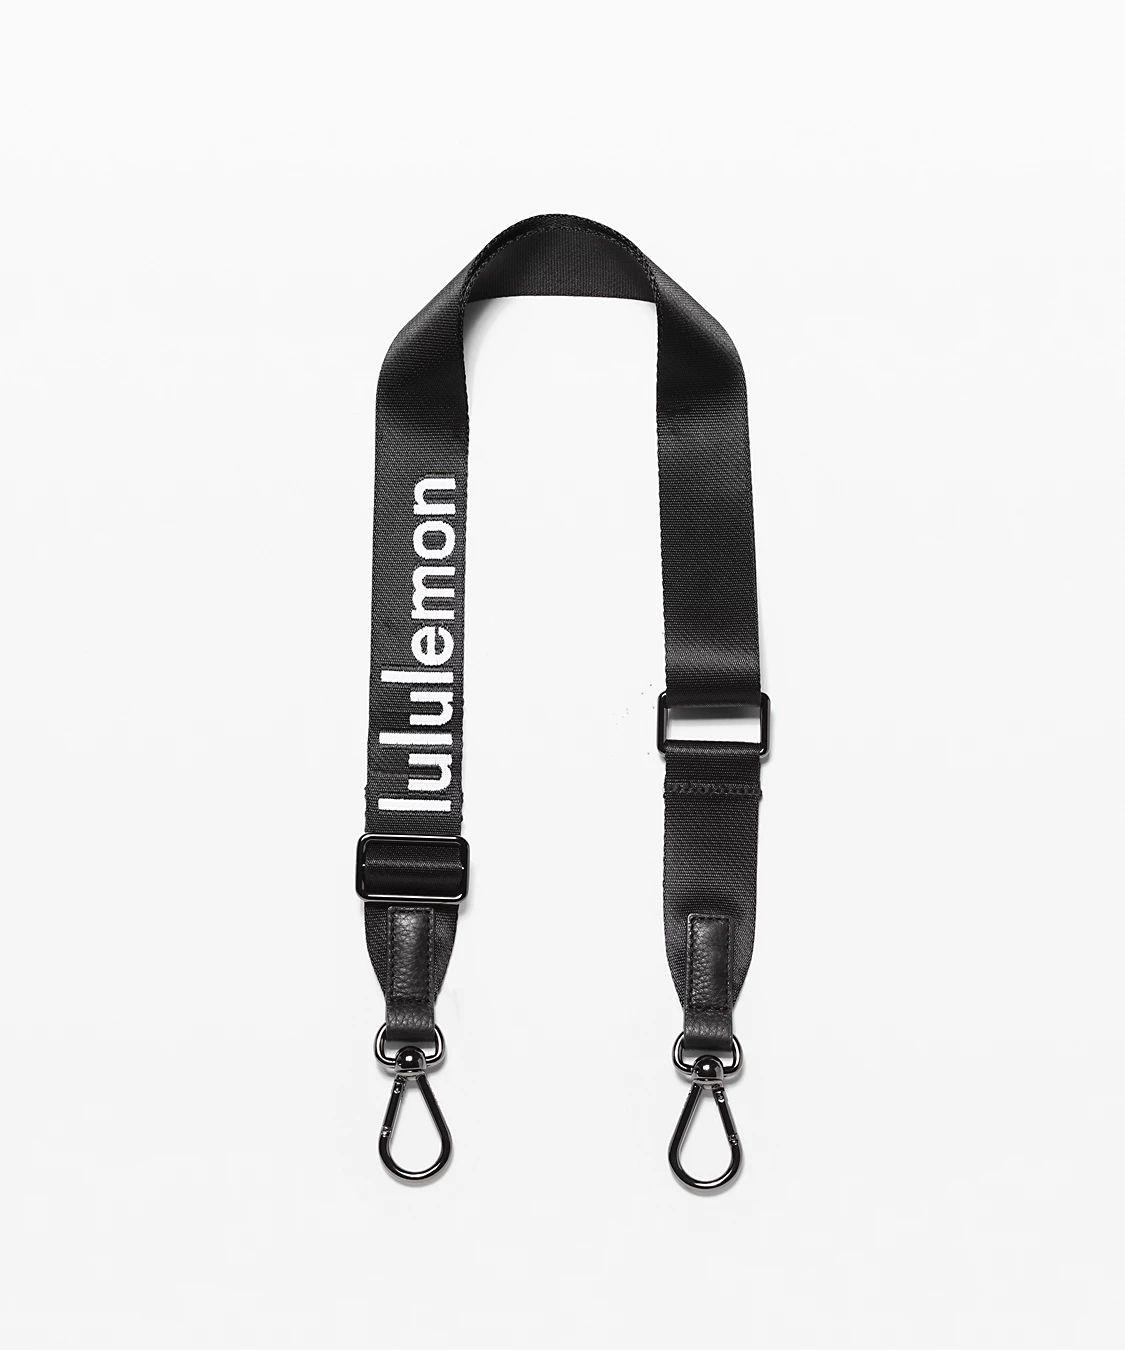 Lululemon Festival Bag Strap Lulu Fitnessfashion Yoga Accessory Bag Straps Shoulder Strap Festival Bag